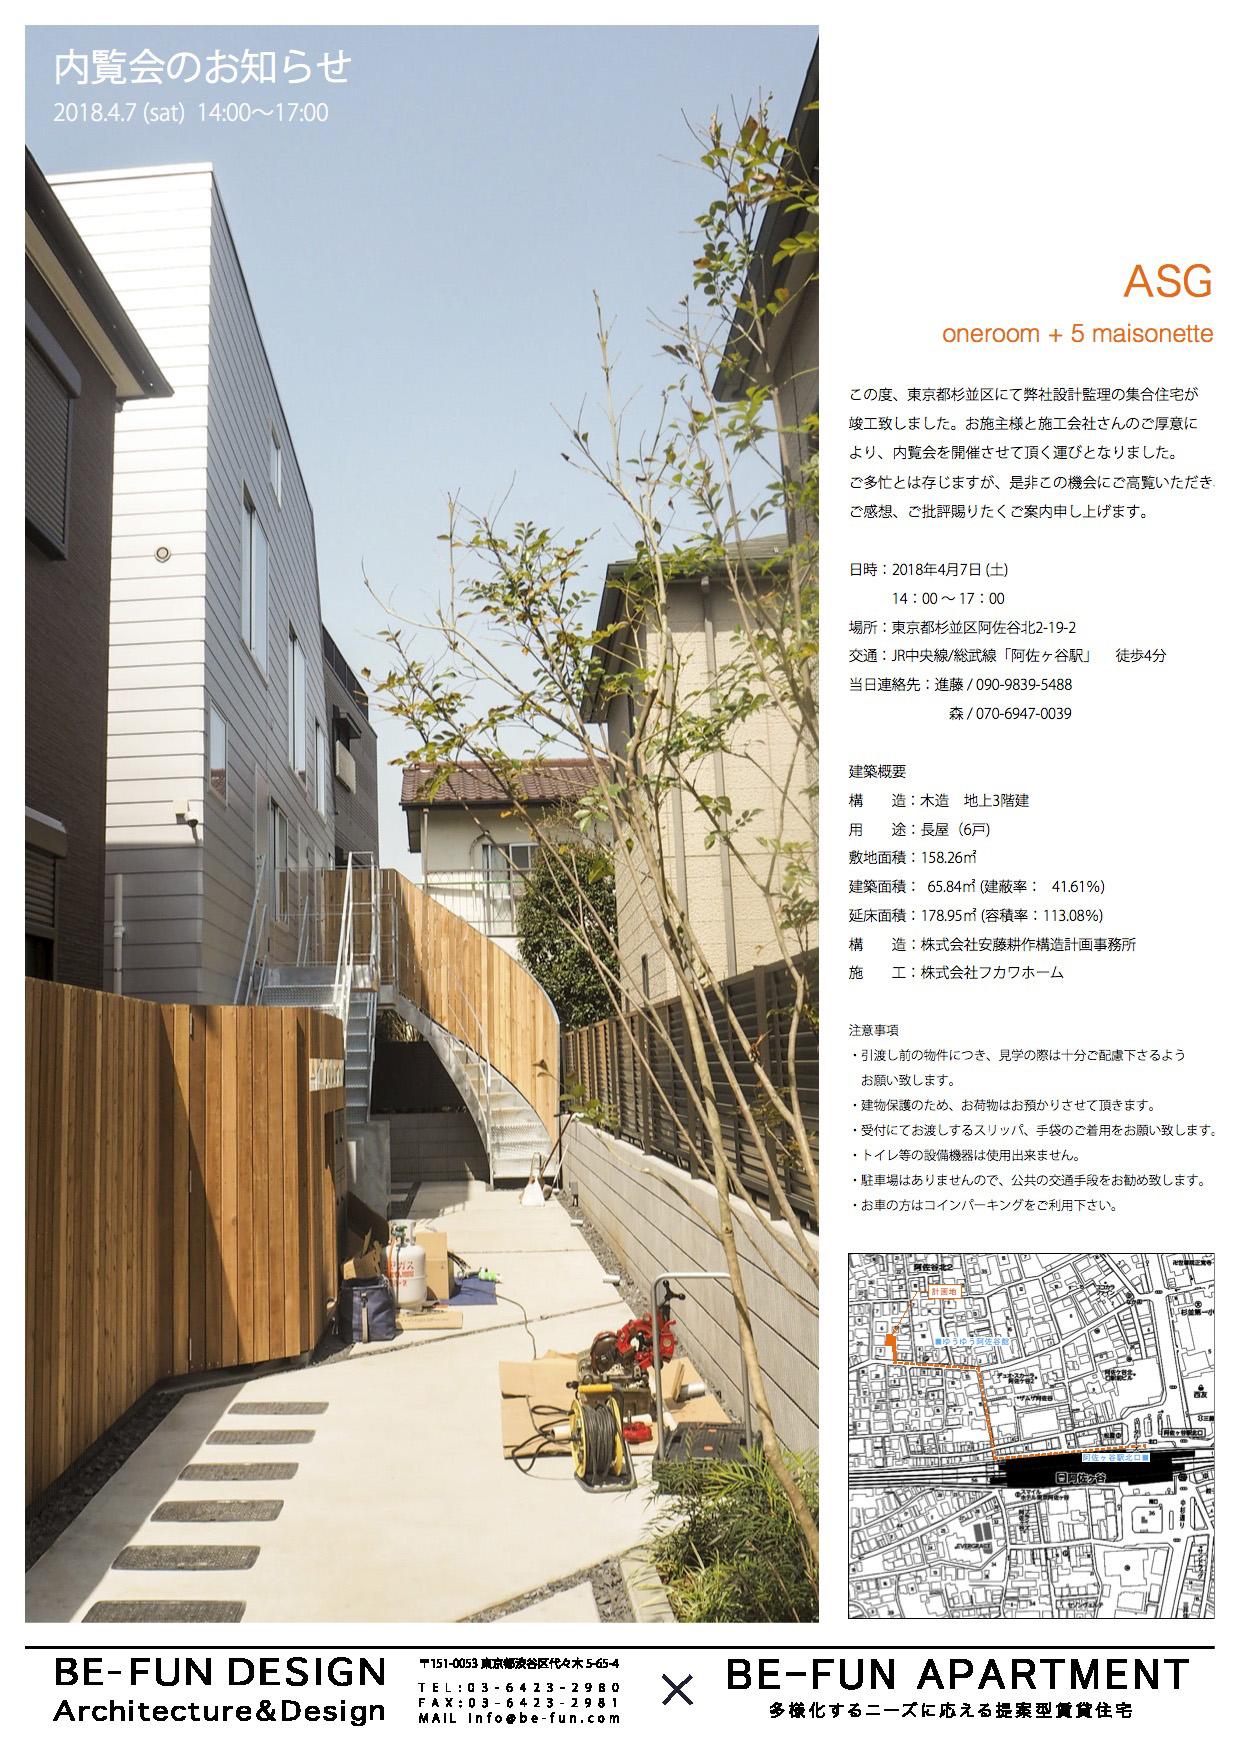 ASG_openhouse_DM_